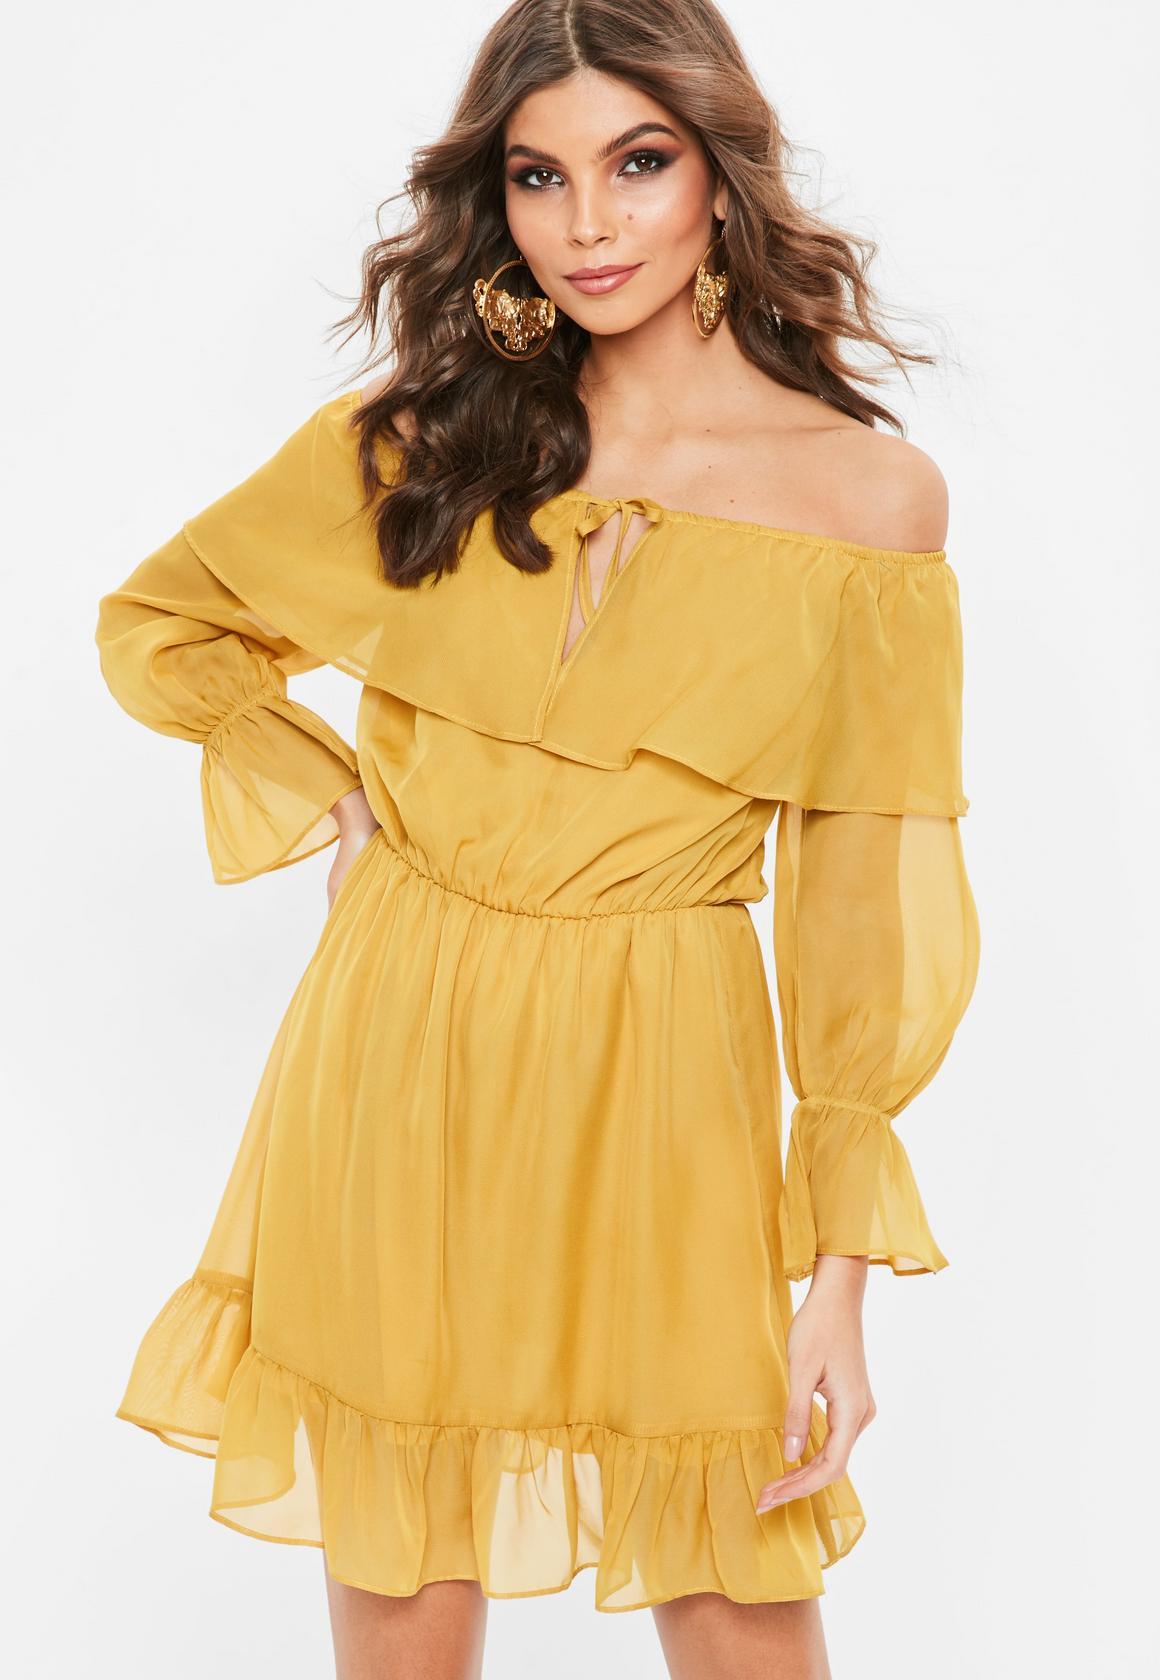 mustard yellow chiffon frill gypsy sundress